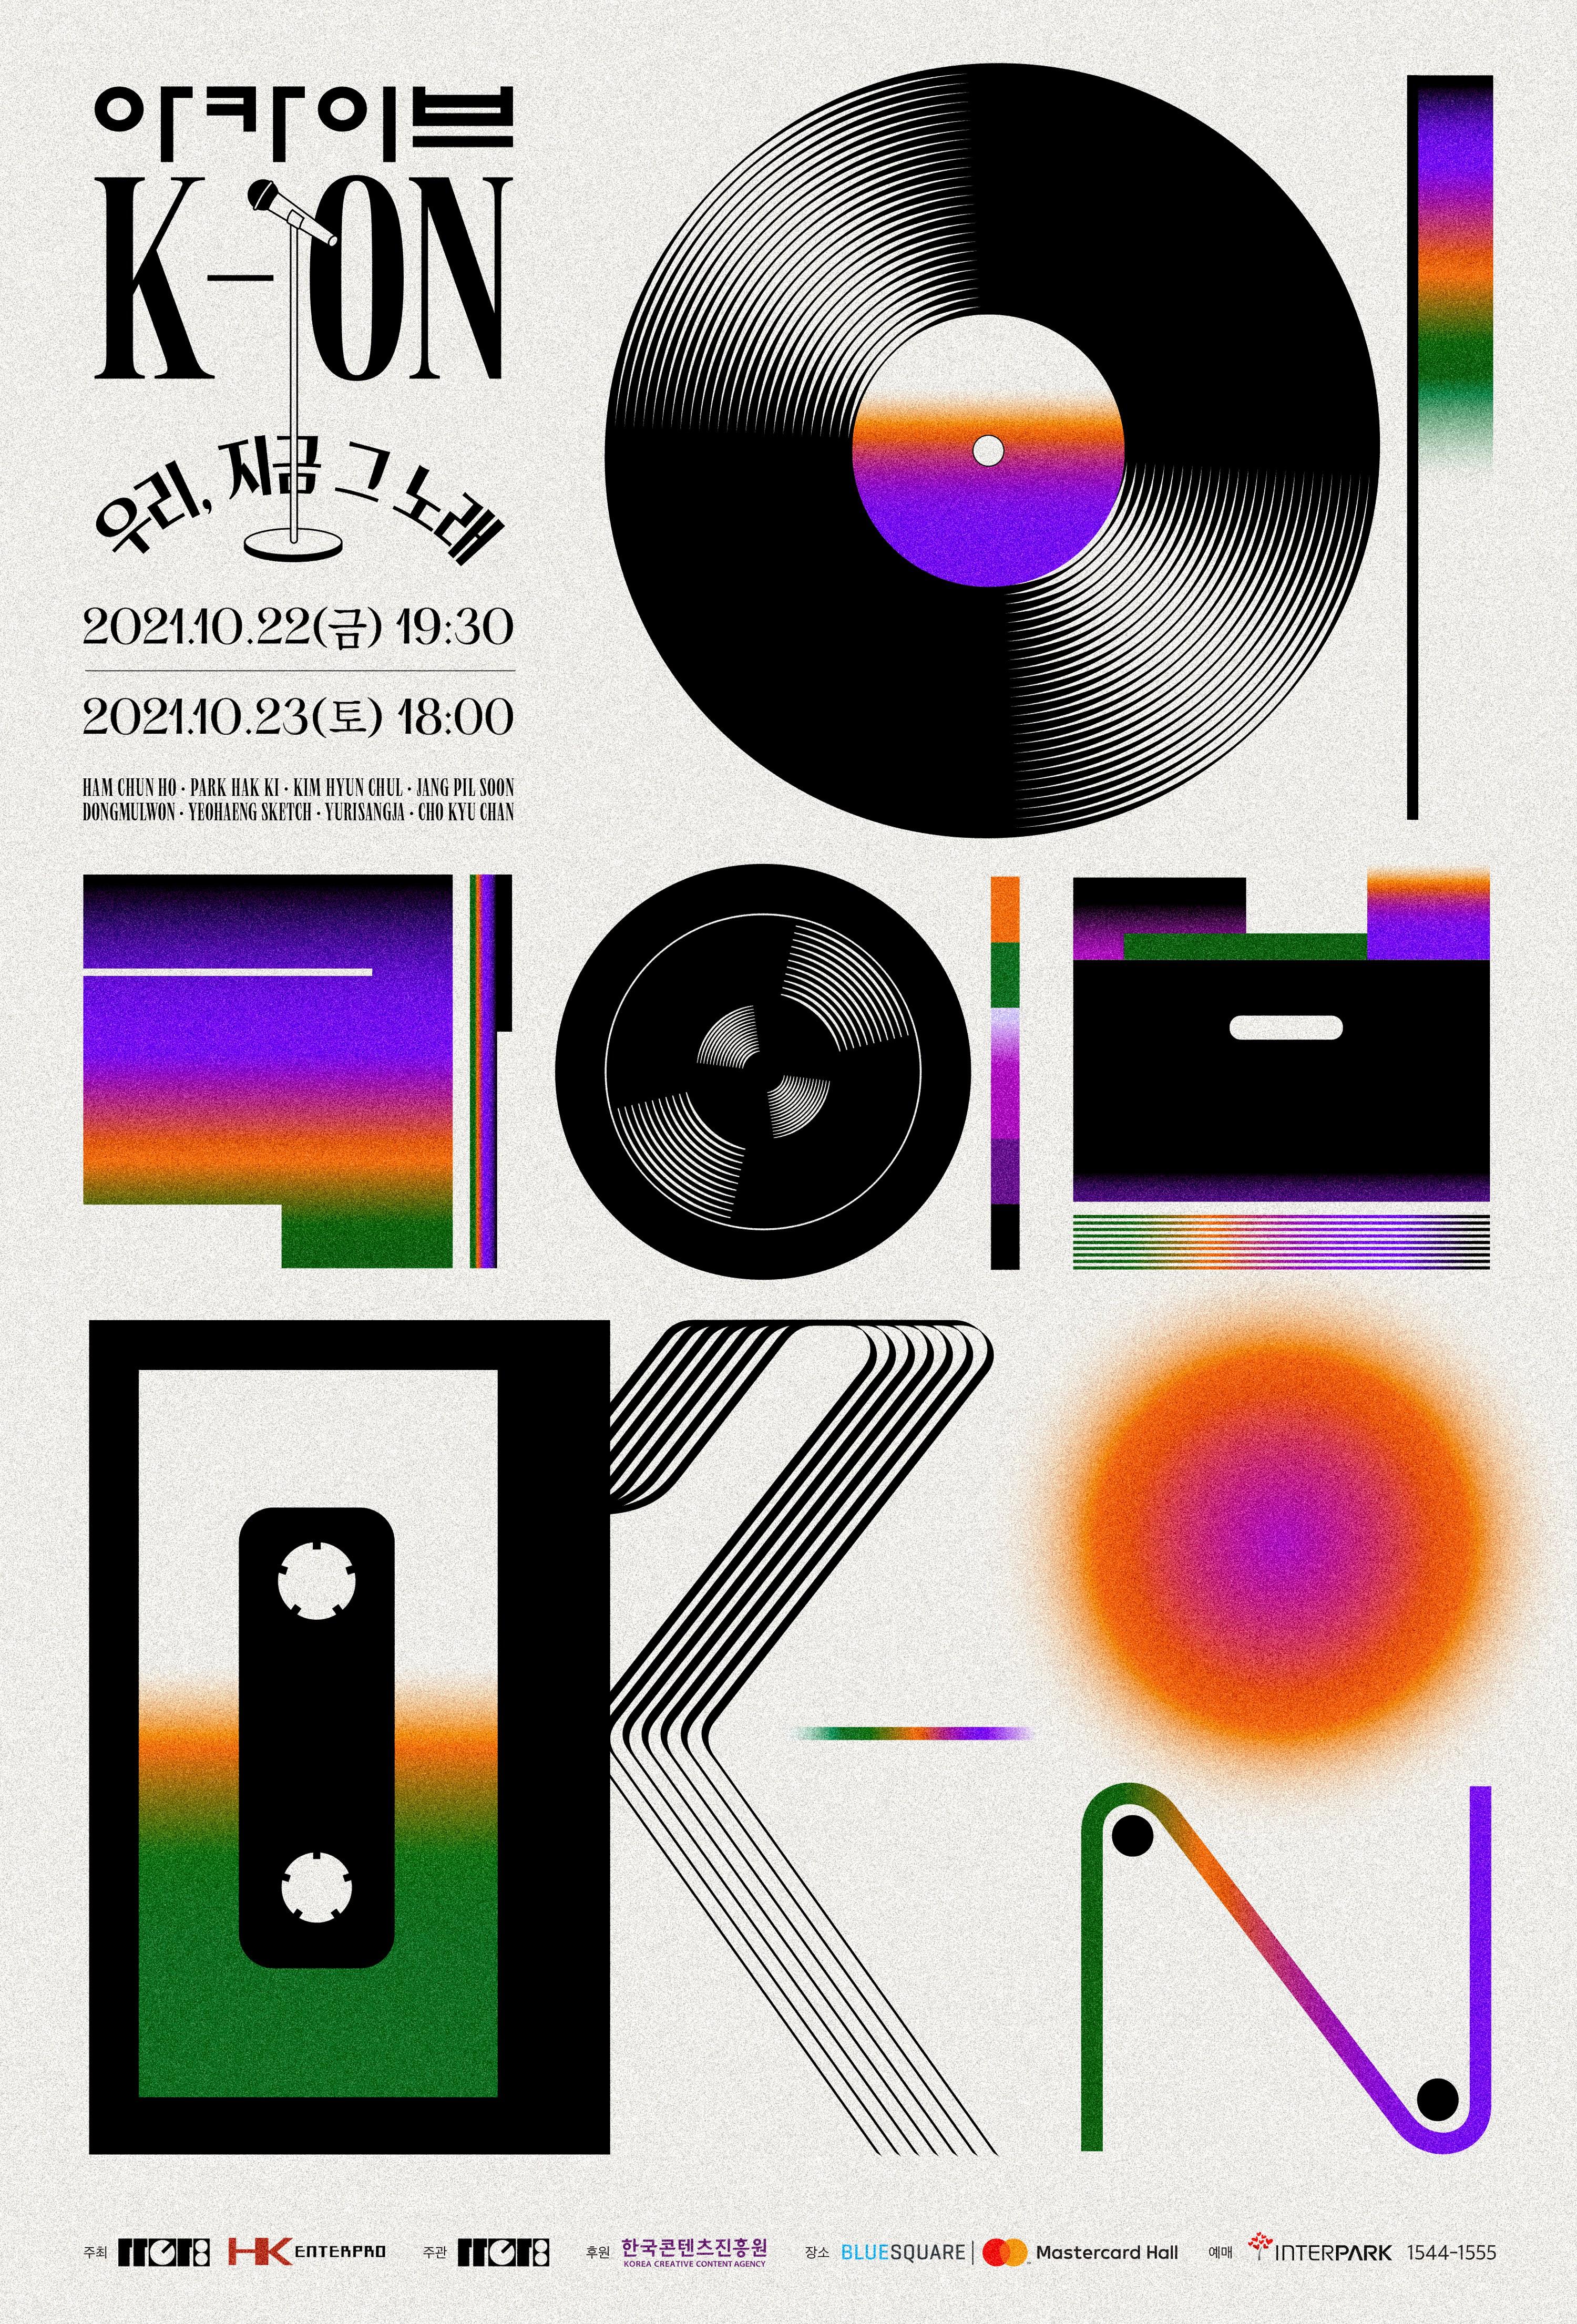 동아기획과 학전소극장 음악인 출연하는 '아카이브 K-ON' 콘서트 10월 22~23일 개최